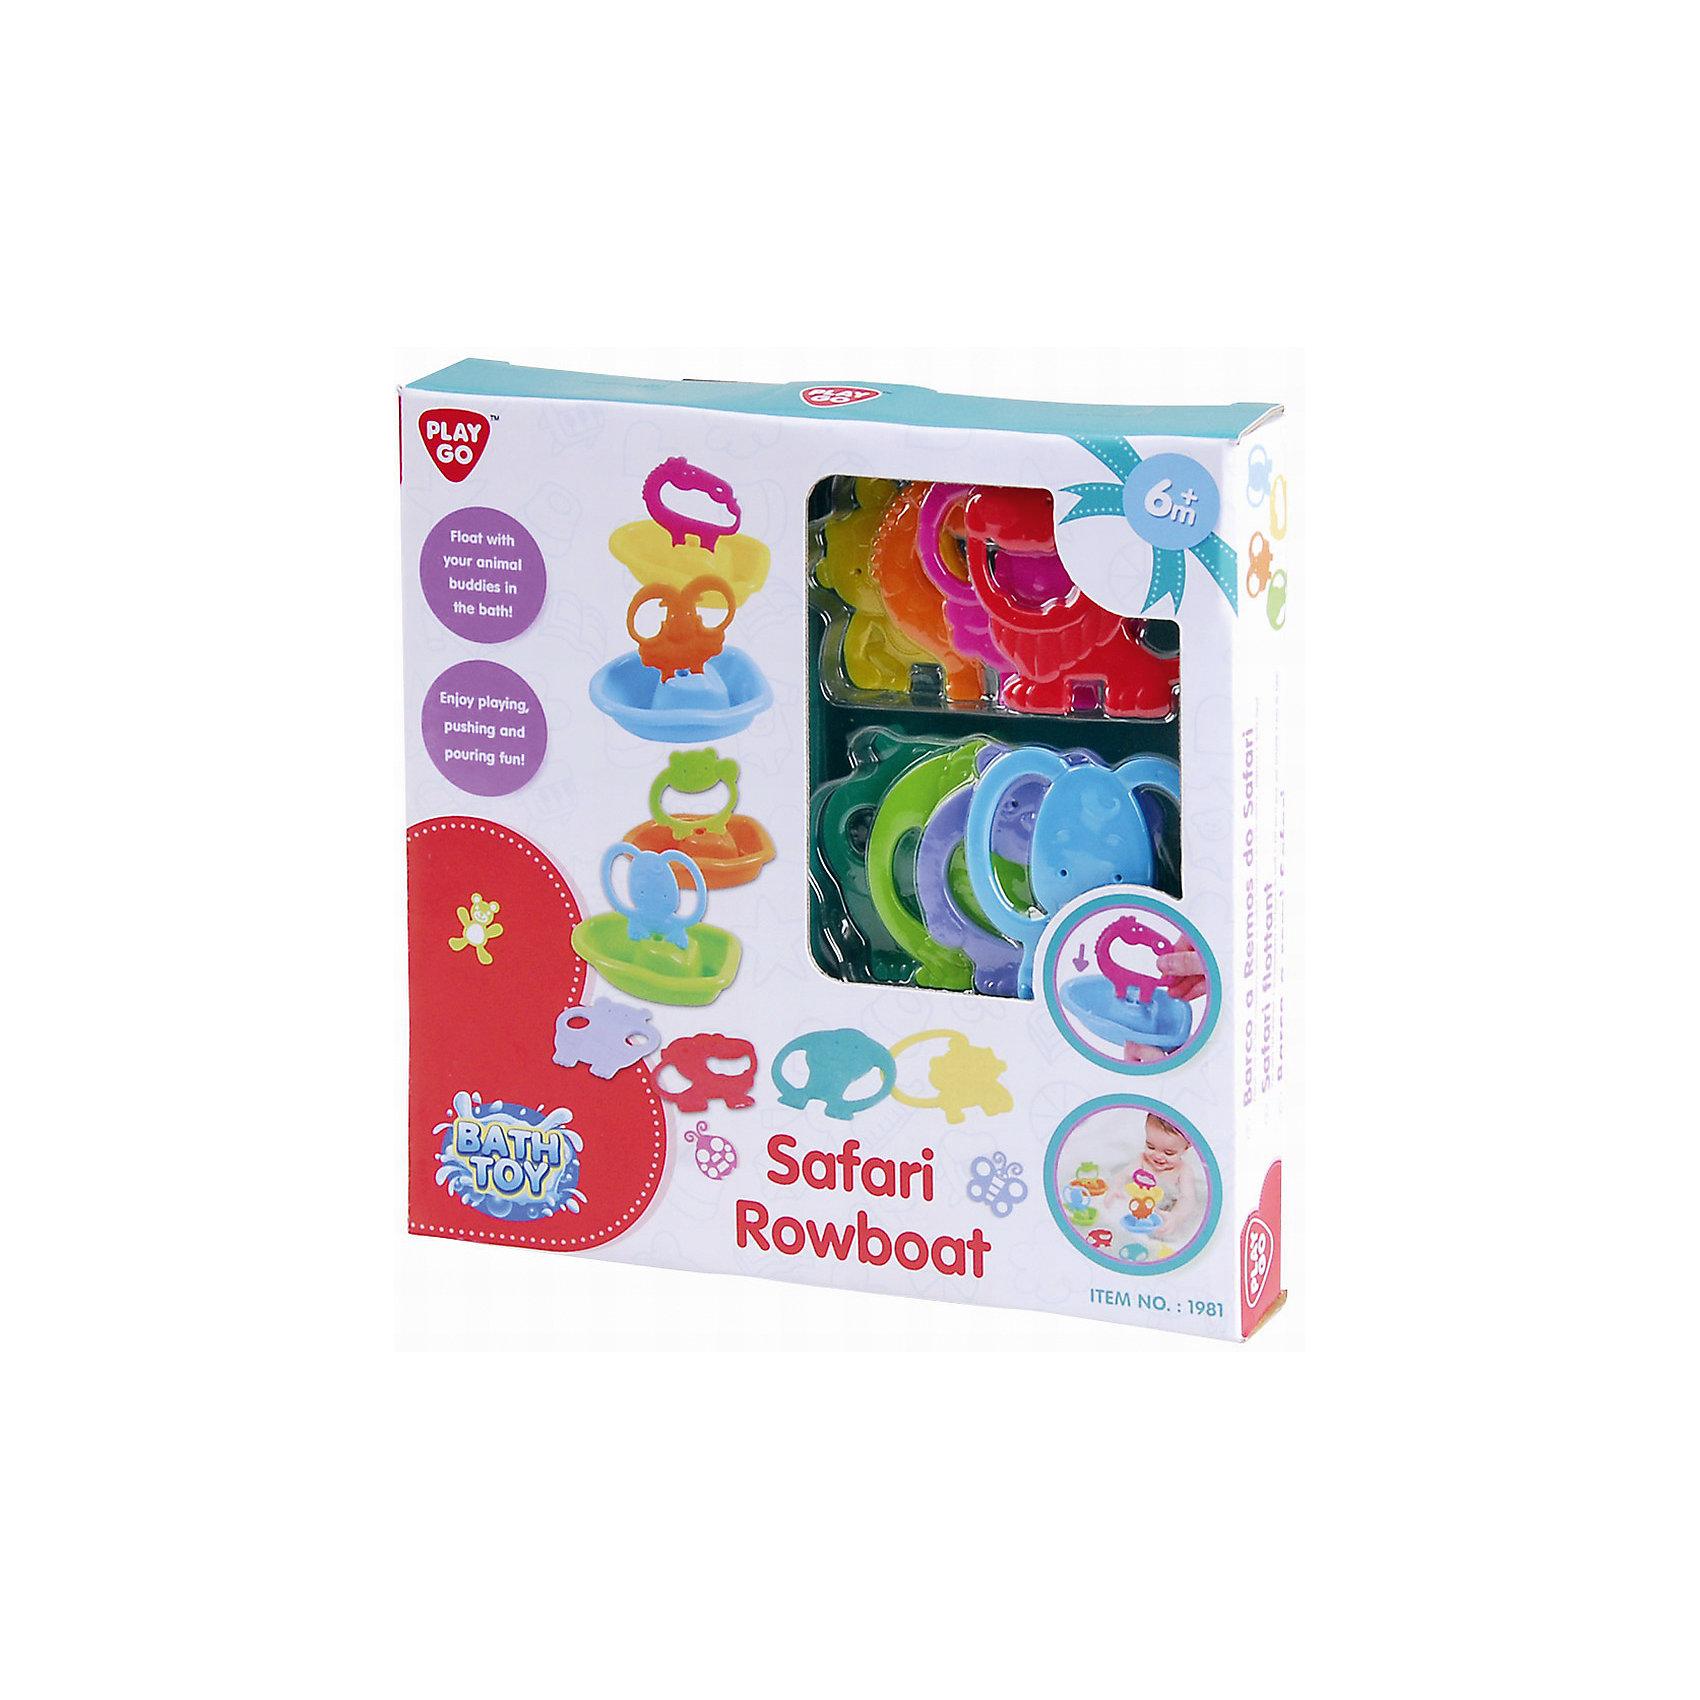 Набор для ванной Лодочки сафари, PlaygoИгровые наборы<br>Набор для ванной Лодочки сафари, Playgo<br><br>Характеристики:<br>- Материал: пластик<br>- В комплект входят: 4 лодочки, 8 животных  <br><br>Лодочки сафари для ванной от известного китайского бренда развивающих игрушек для детей Playgo (Плейго) станут прекрасным подарком для малыша. Различные животные вставляются в лодочки и их так весело отправлять в плавание среди бесконечных пенных рифов ванной. В наборе представлены восемь животных из джунглей, в том числе слоник, обезьянка, бегемотик, лев. Все детали игрушки крупные и с удобными ручками, чтобы помочь малышу хватать их и самому стараться вставлять в лодочки зверят. В лодочки можно наливать водичку и смотреть как она выливается. Изготовленная из качественного пластика, яркая игрушка поможет развить тактильные ощущения, воображение и цветовое восприятие и моторику ручек. <br>Набор для ванной Лодочки сафари, Playgo (Плейго) можно купить в нашем интернет-магазине.<br>Подробнее:<br>• Для детей в возрасте: от 6 до 36 месяцев <br>• Номер товара: 5054066<br>Страна производитель: Китай<br><br>Ширина мм: 240<br>Глубина мм: 240<br>Высота мм: 40<br>Вес г: 334<br>Возраст от месяцев: 12<br>Возраст до месяцев: 36<br>Пол: Унисекс<br>Возраст: Детский<br>SKU: 5054066